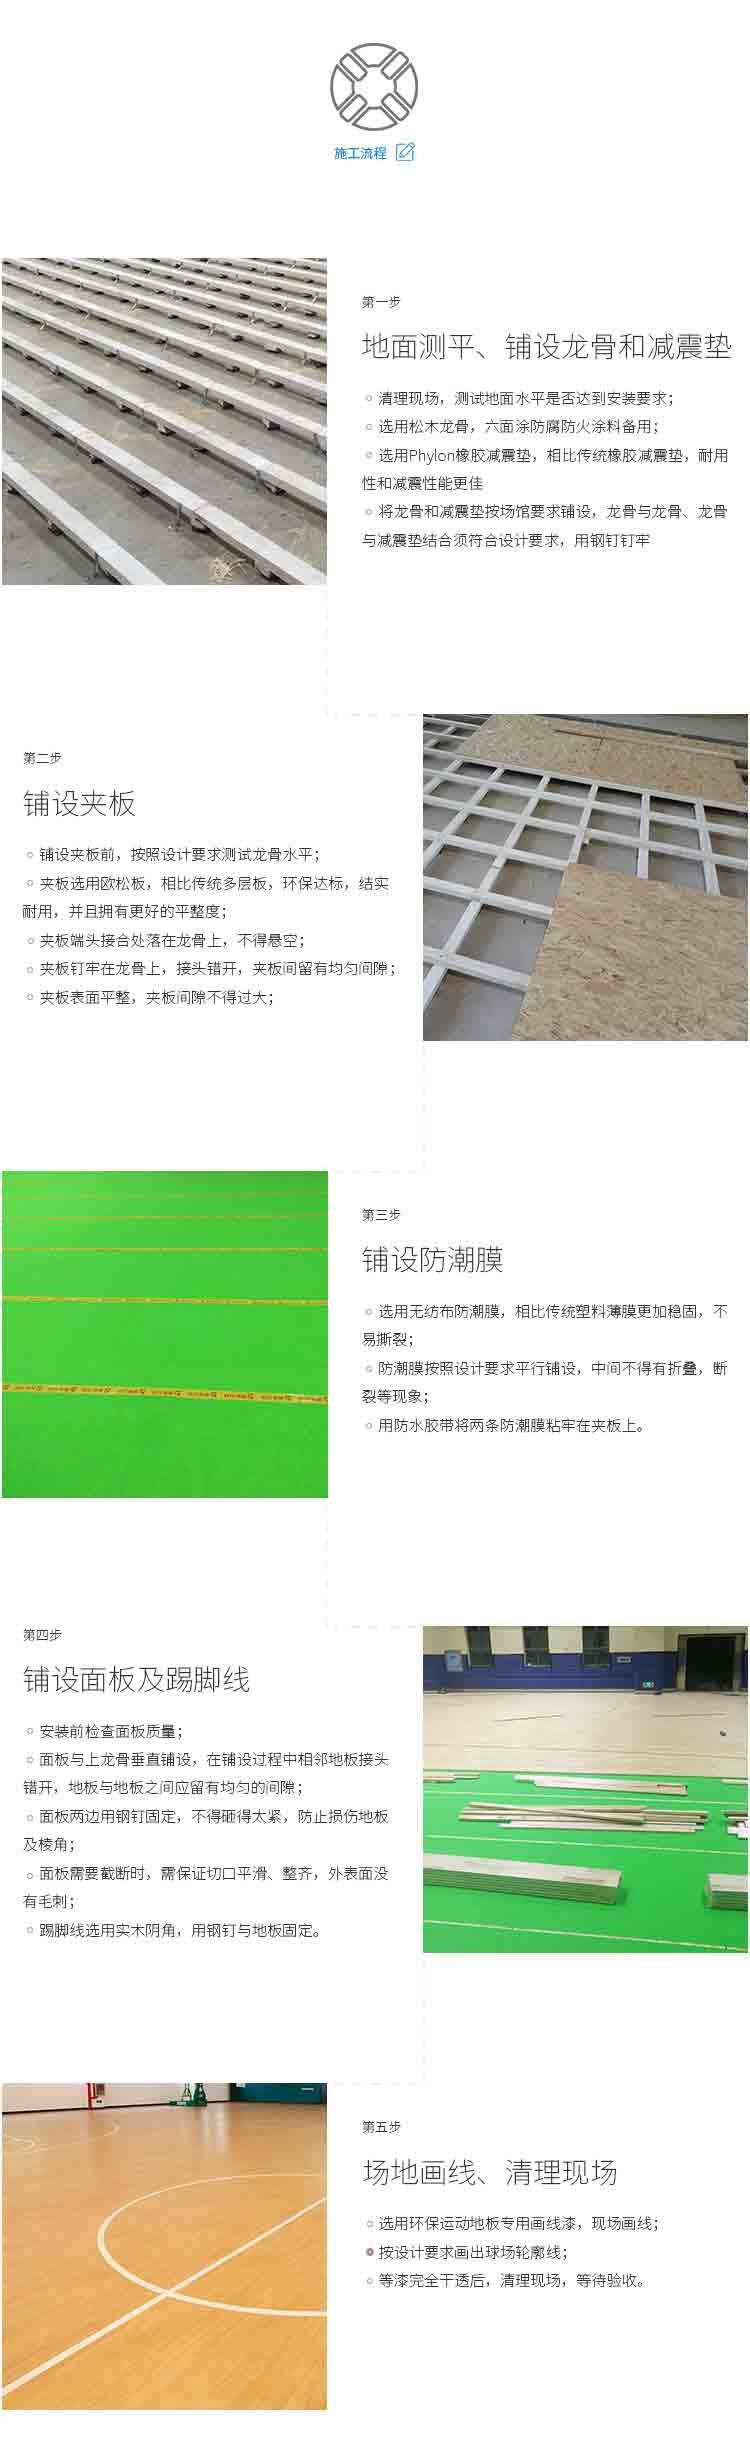 篮球木地板品牌首选